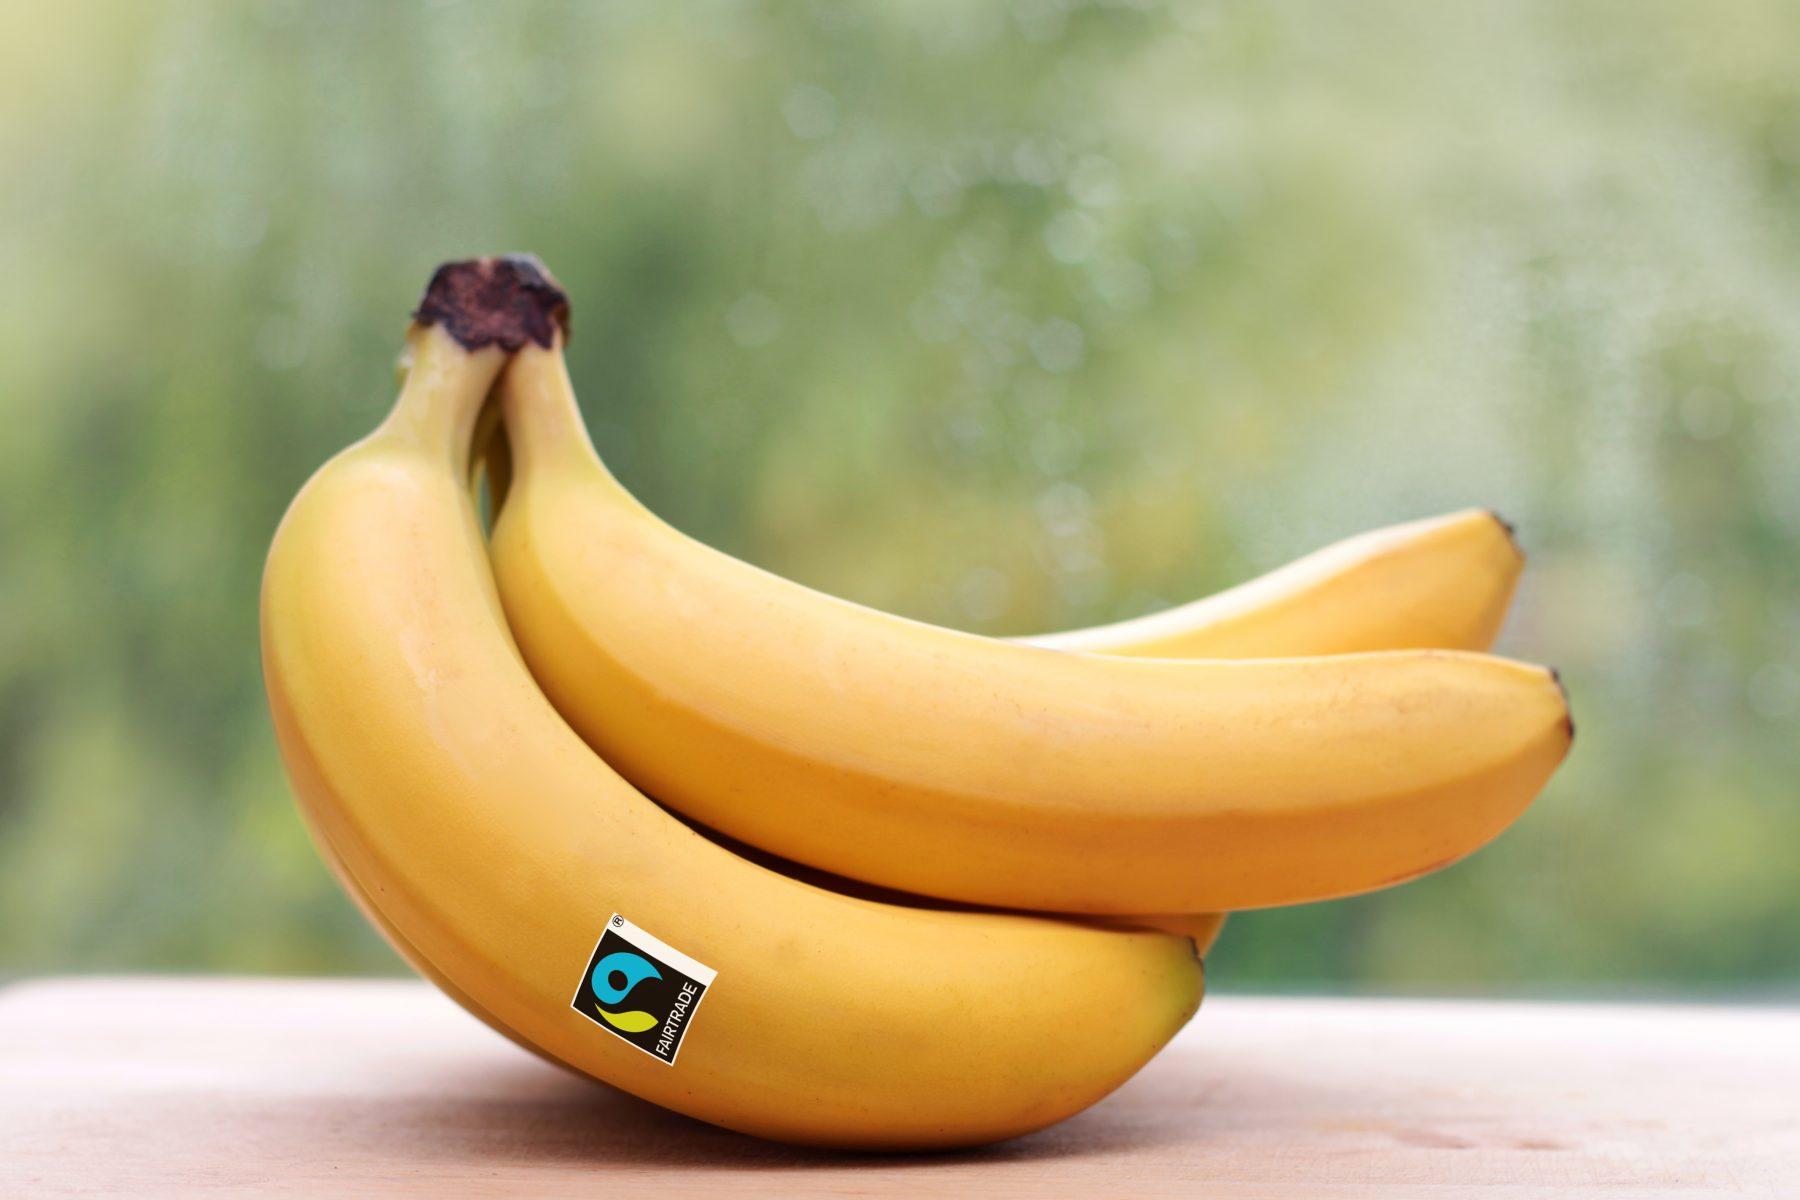 Dit is het verschil tussen een 'gewone' en een Fairtrade-banaan